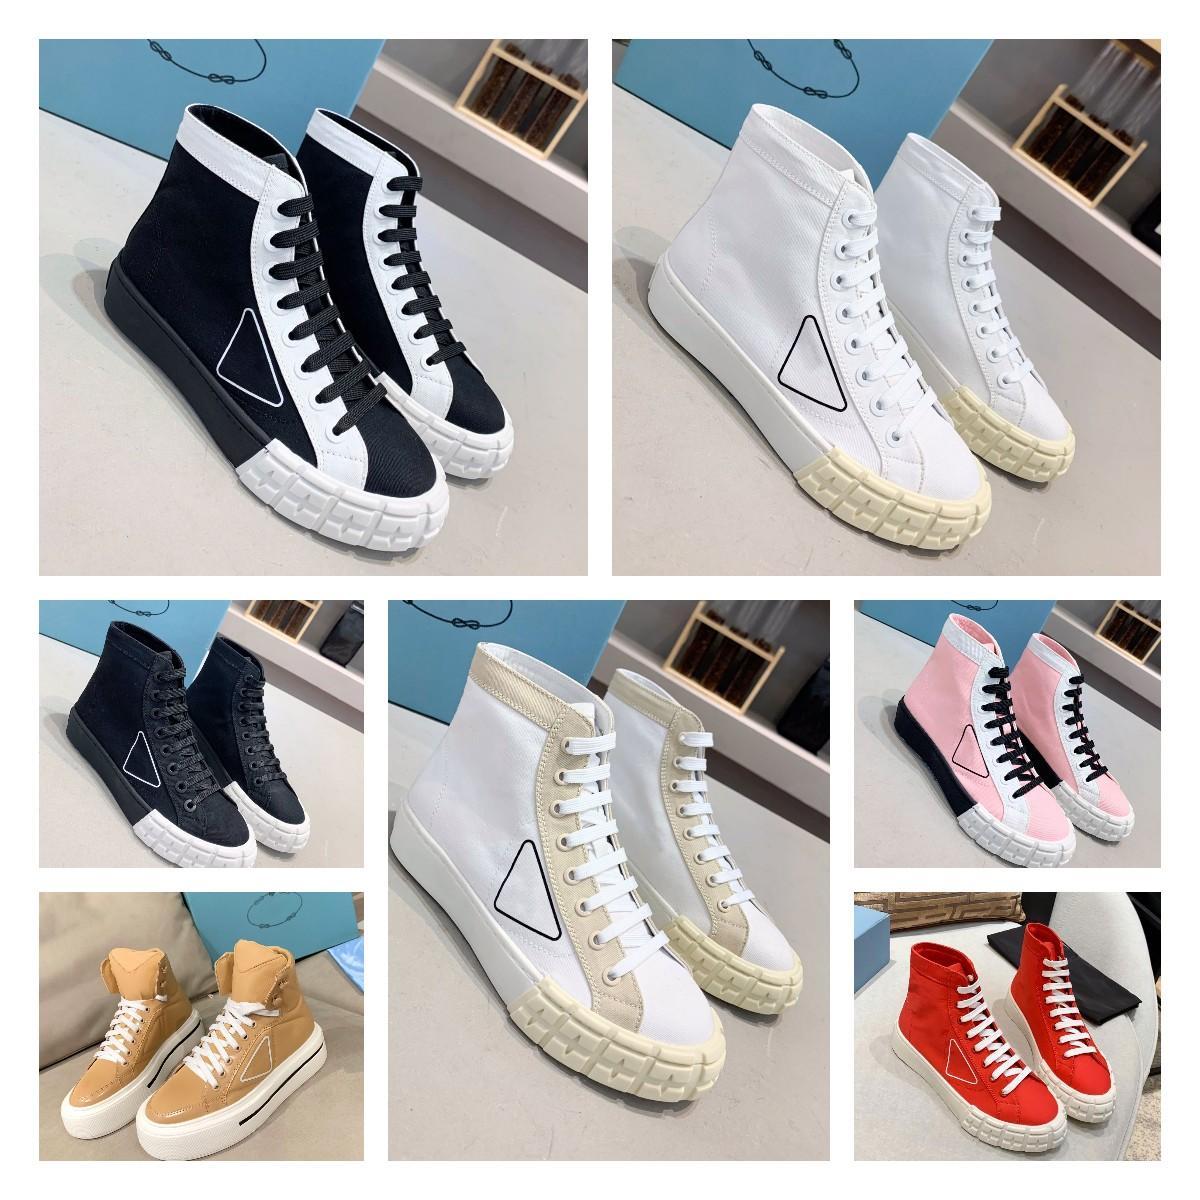 2021 Top Designer Damas Zapatillas Nylon Zapatillas de deporte Tela Triple Triple Blanco Blanco Color Sólido Alto Top Laces Casual Beach Lienzo Zapatos Tamaño 35-40